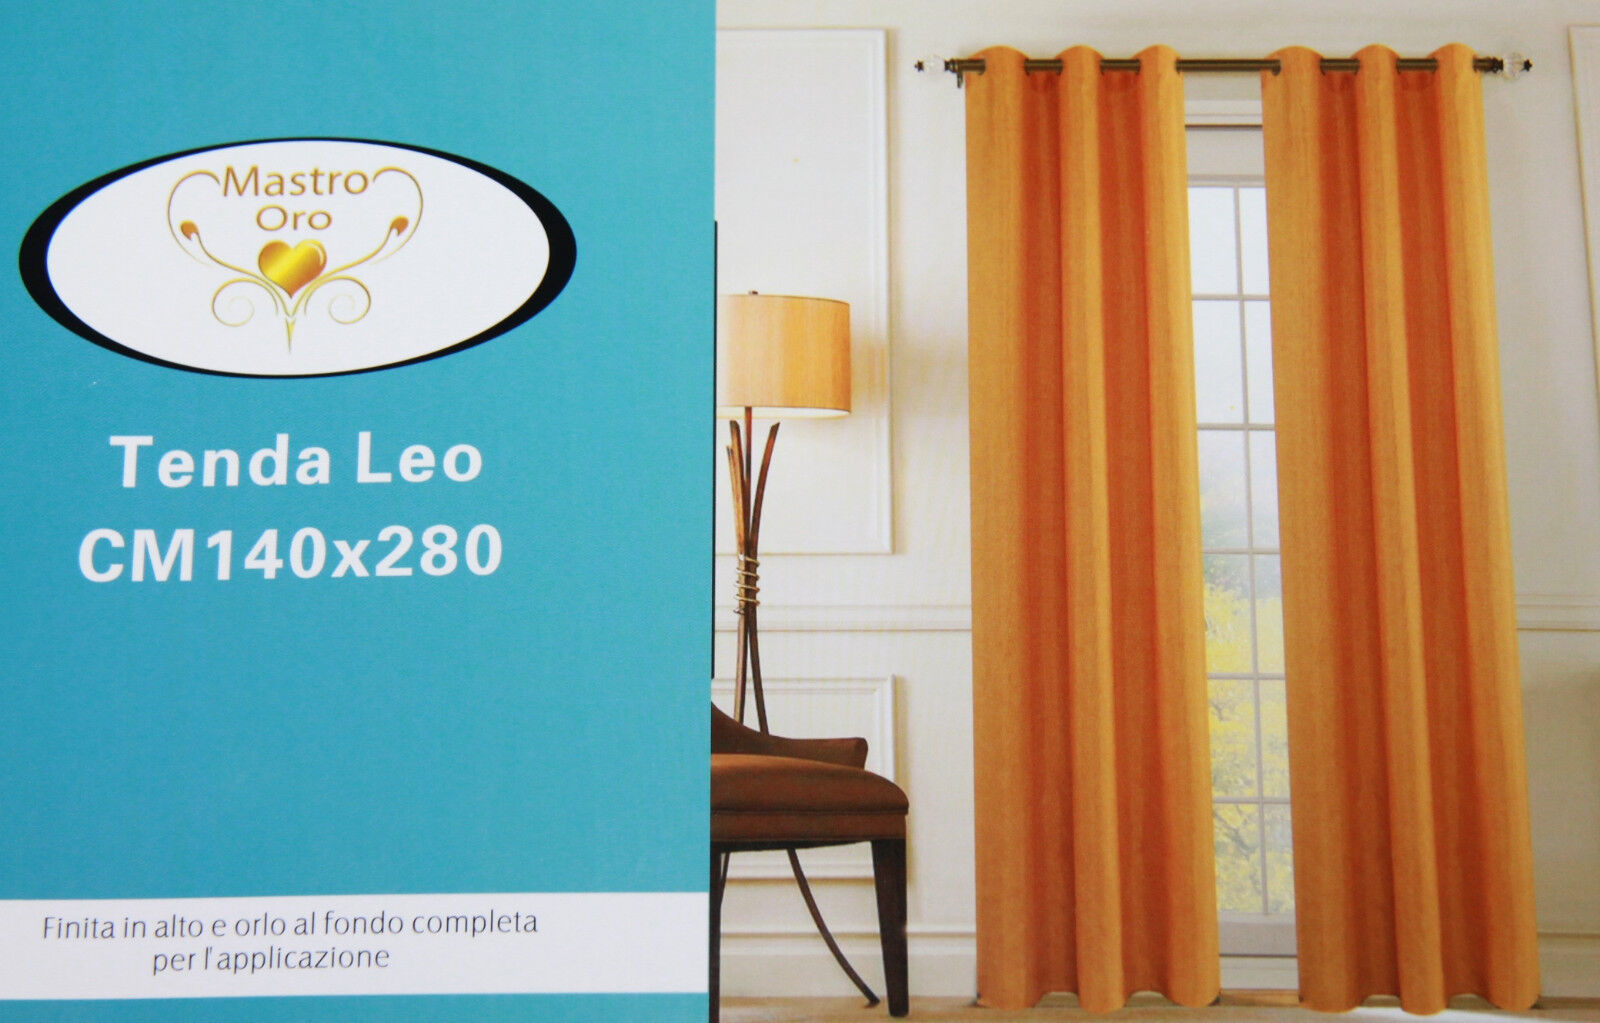 Telo Tenda MASTRO Pannello Singolo TENDONE CANAPONE LEO Juta Coprente 130x270 cm